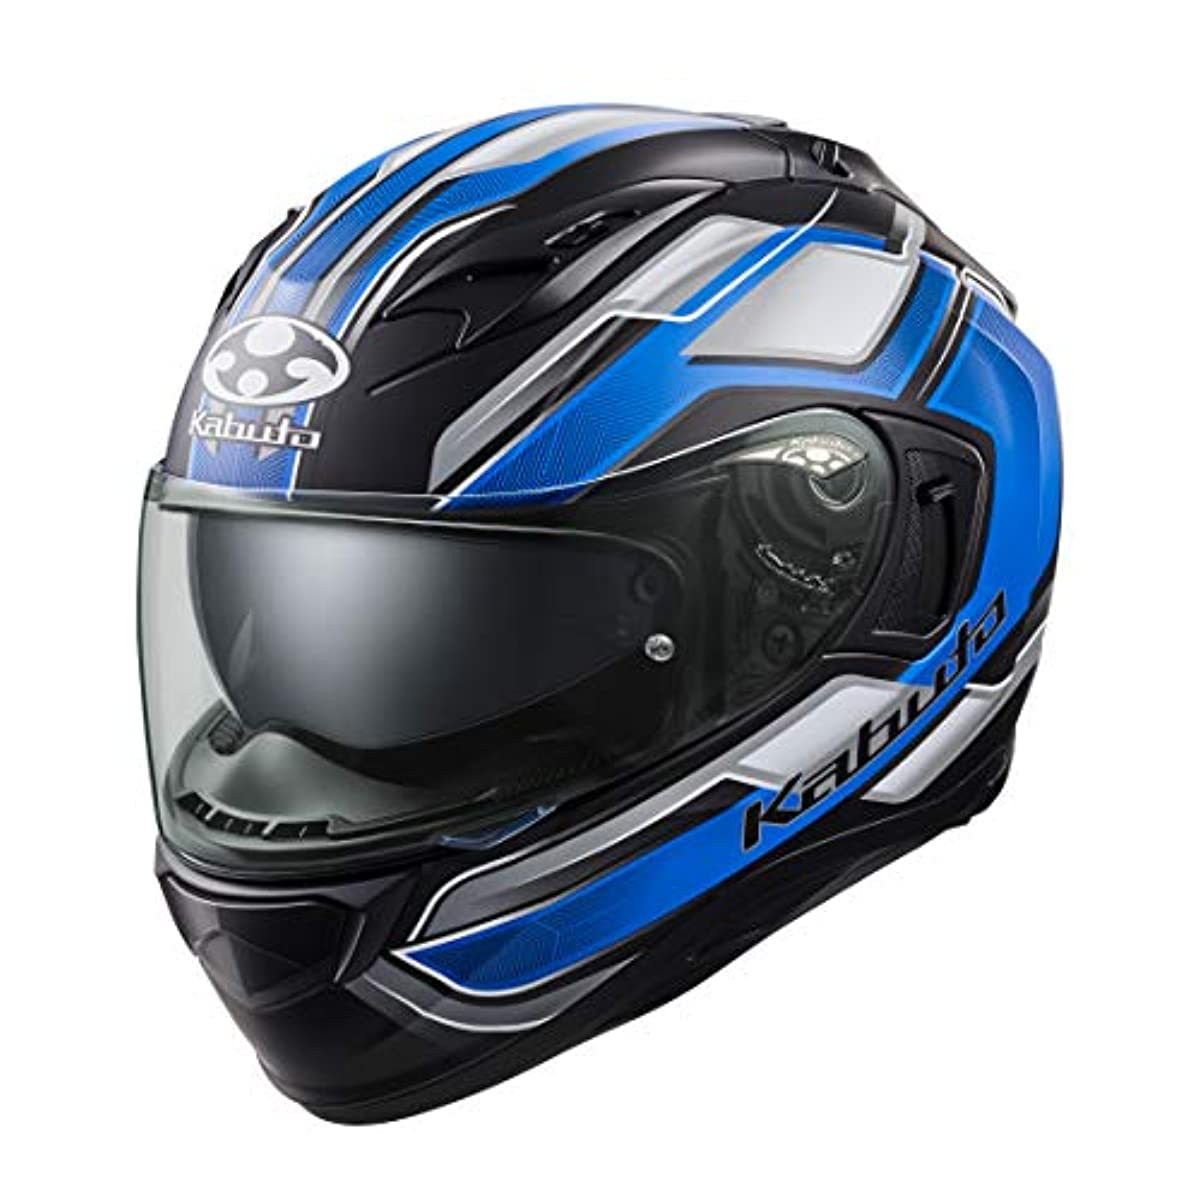 [해외] OG K (카부)카브도(OGK KABUTO)오토바이 헬멧 풀 페이스 KAMUI3 ACCEL(악셀) 플랫 블랙 블루 (사이즈:L) 585891